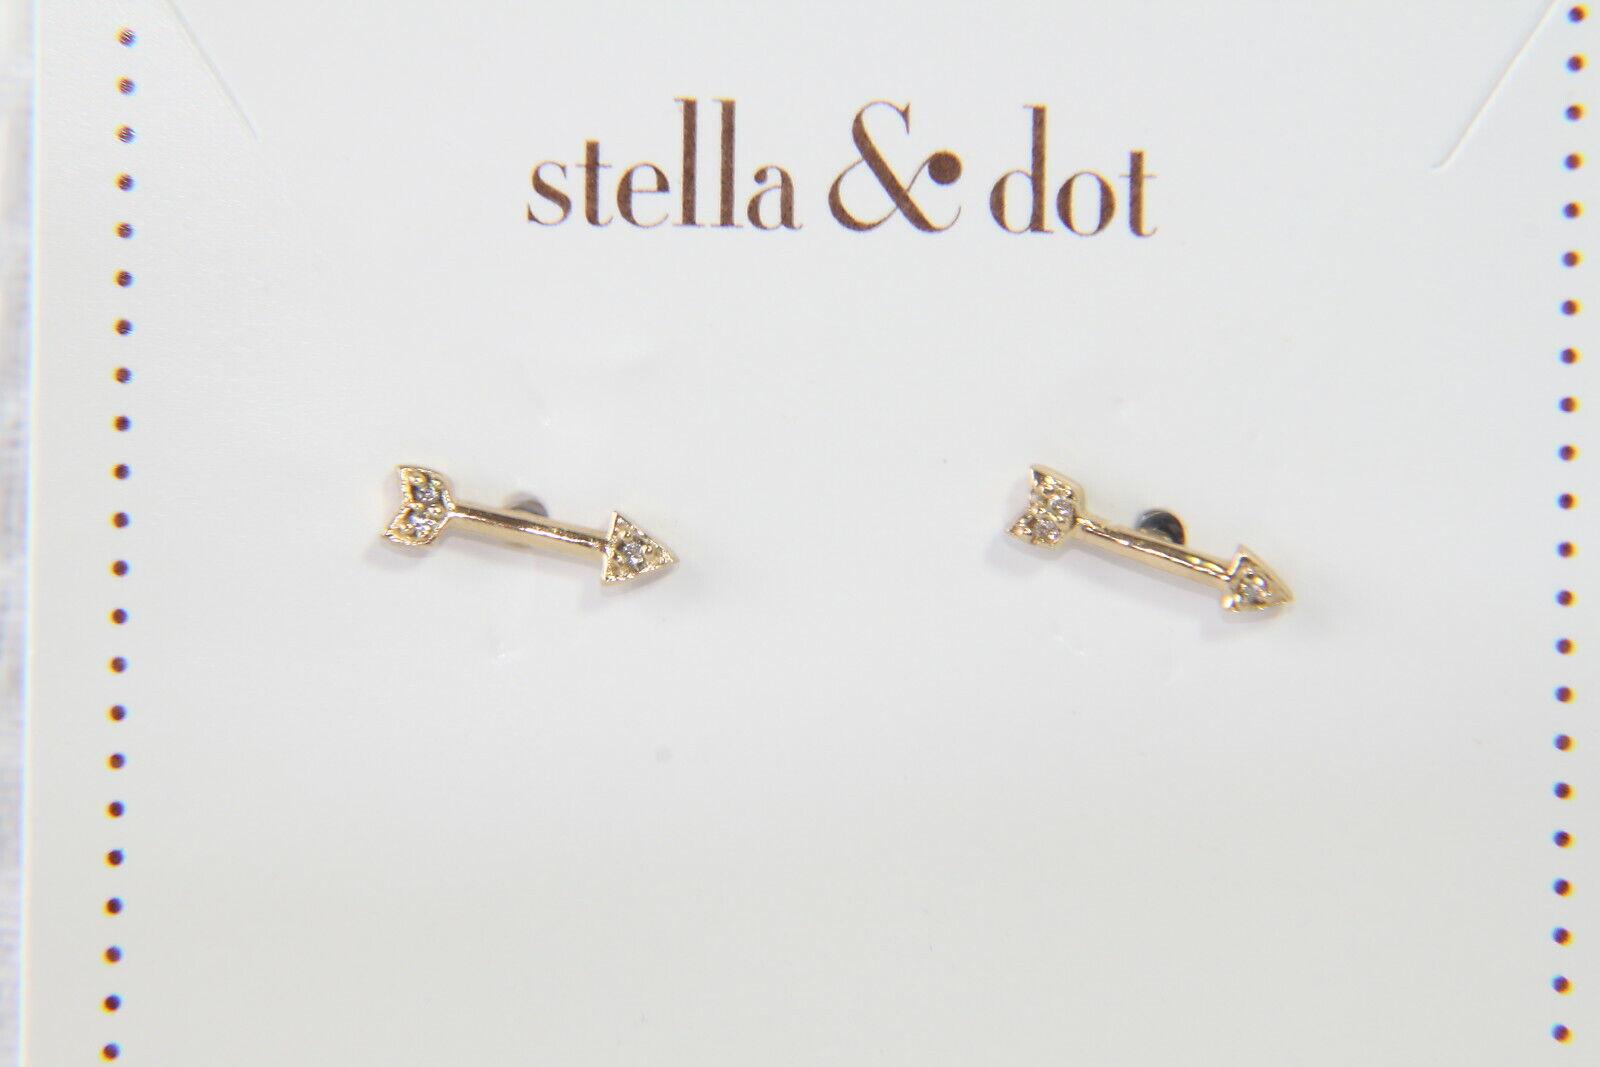 Stella & Dot Earrings (new) ON THE MARK STUDS - gold (E490G)